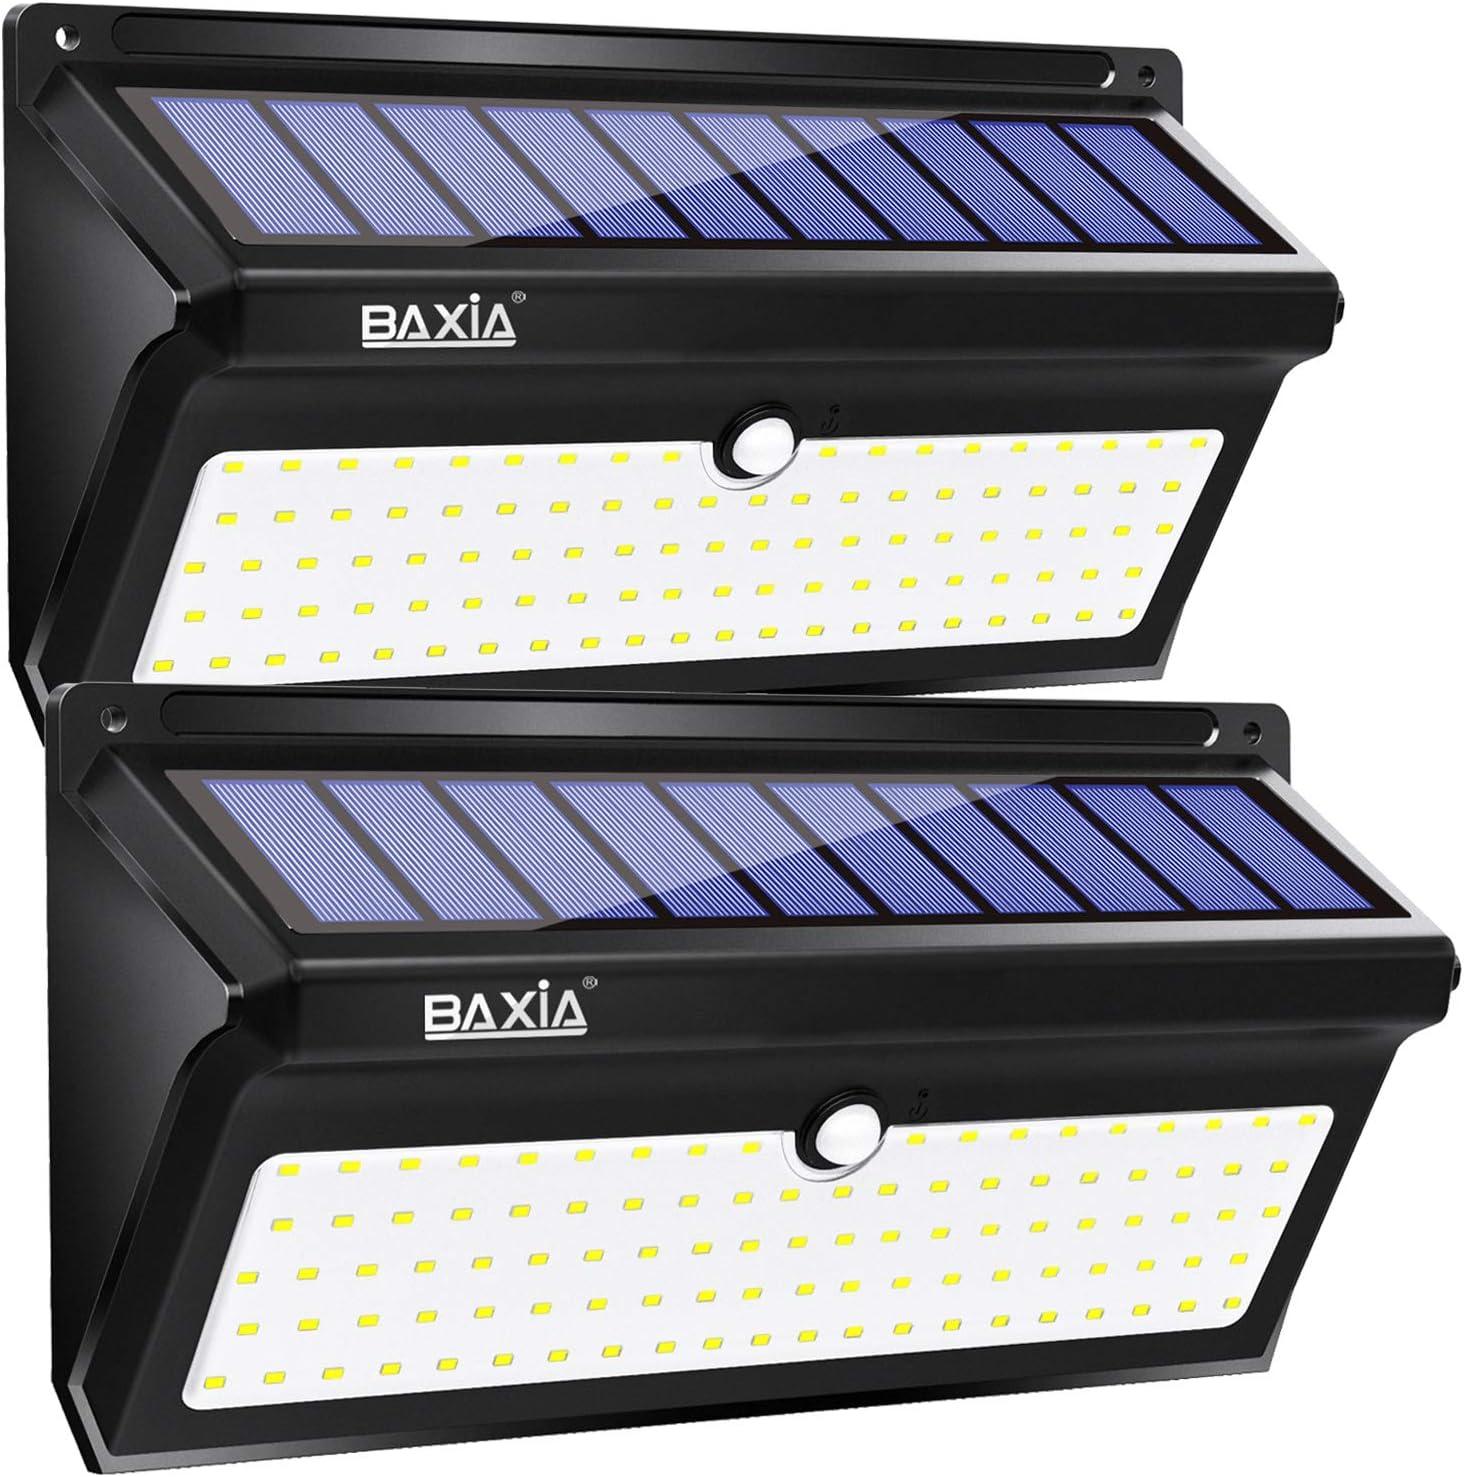 BAXiA 2000LM Luz Solar Exterior, 2400mAh Luz Solar Exterior con Resistencia al agua IP65, Foco Solar Exterior con Sensor de Movimiento para Jardín Porche Calzada Patio, 100 LED, 2 Piezas